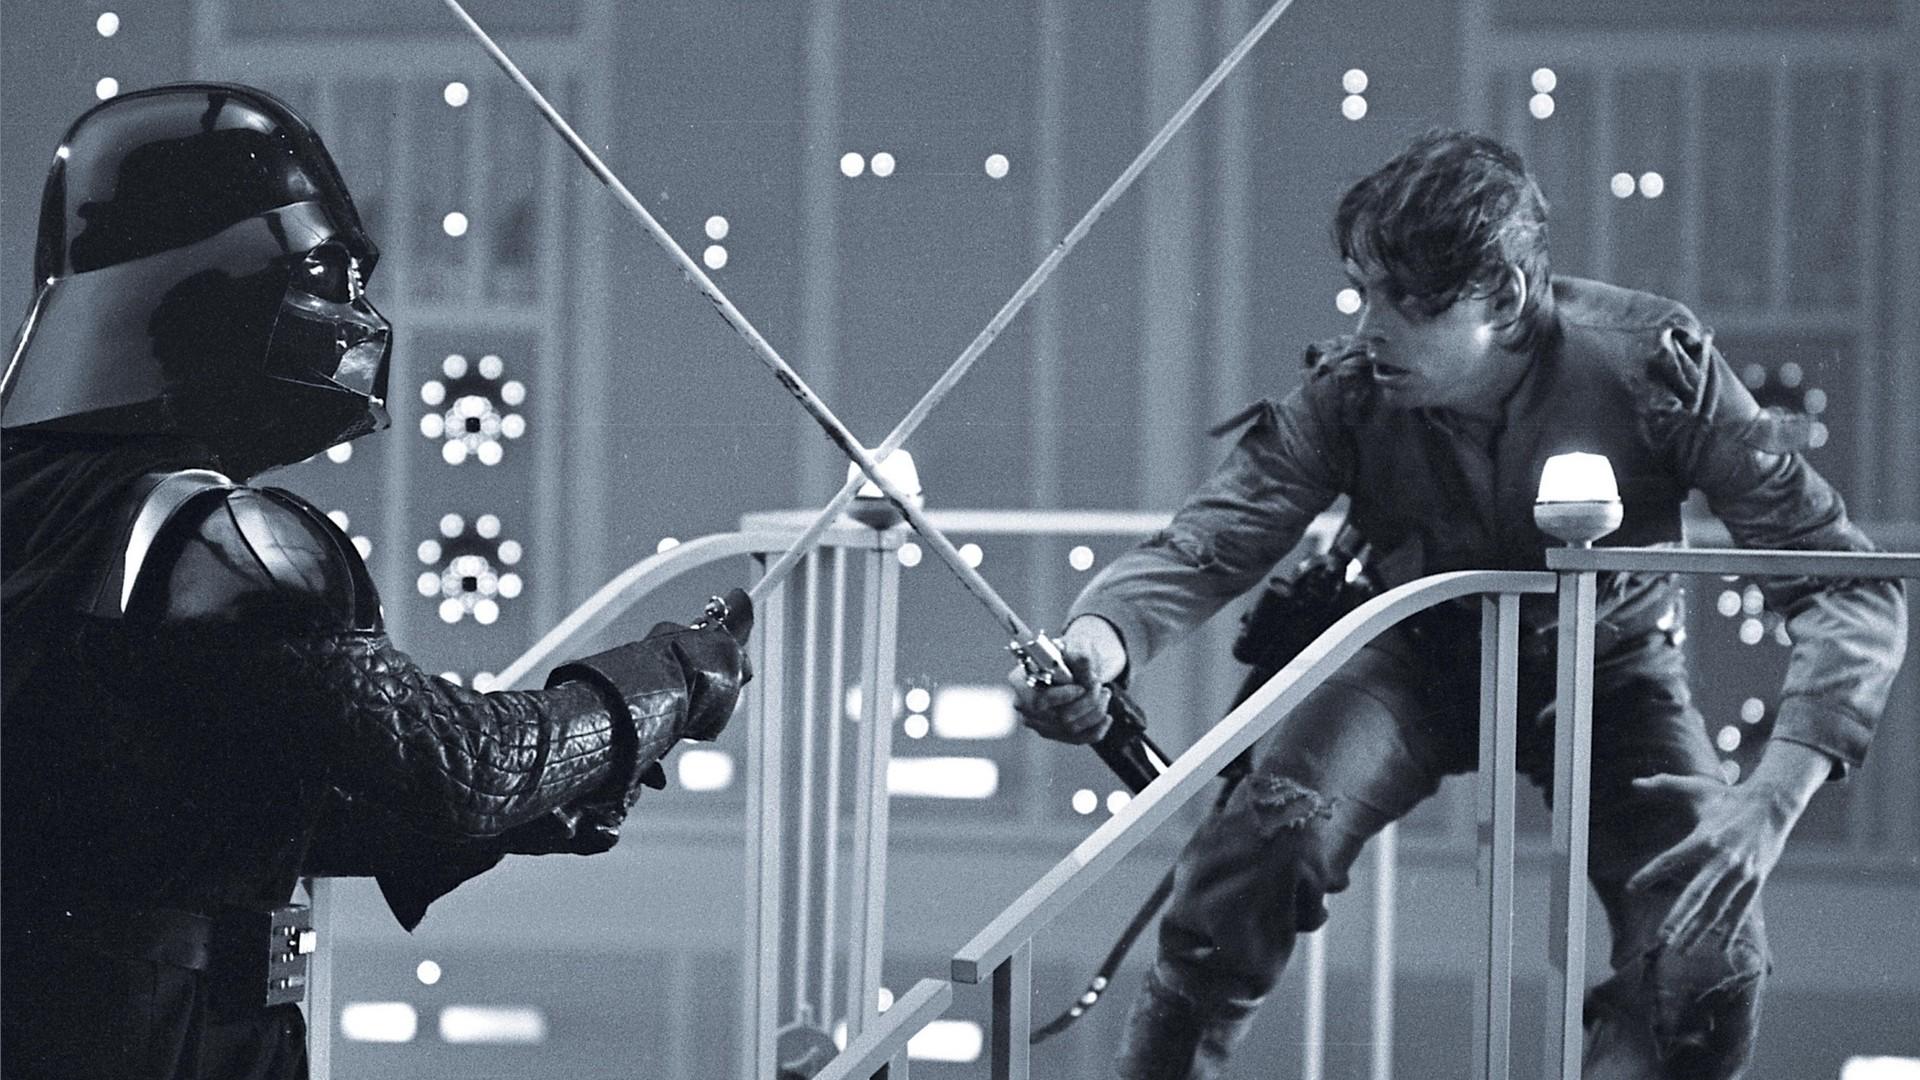 Luke-skywalker-vs-darth-vader-black-and-white-lightsaber-battle-wallpaper-wp3408324